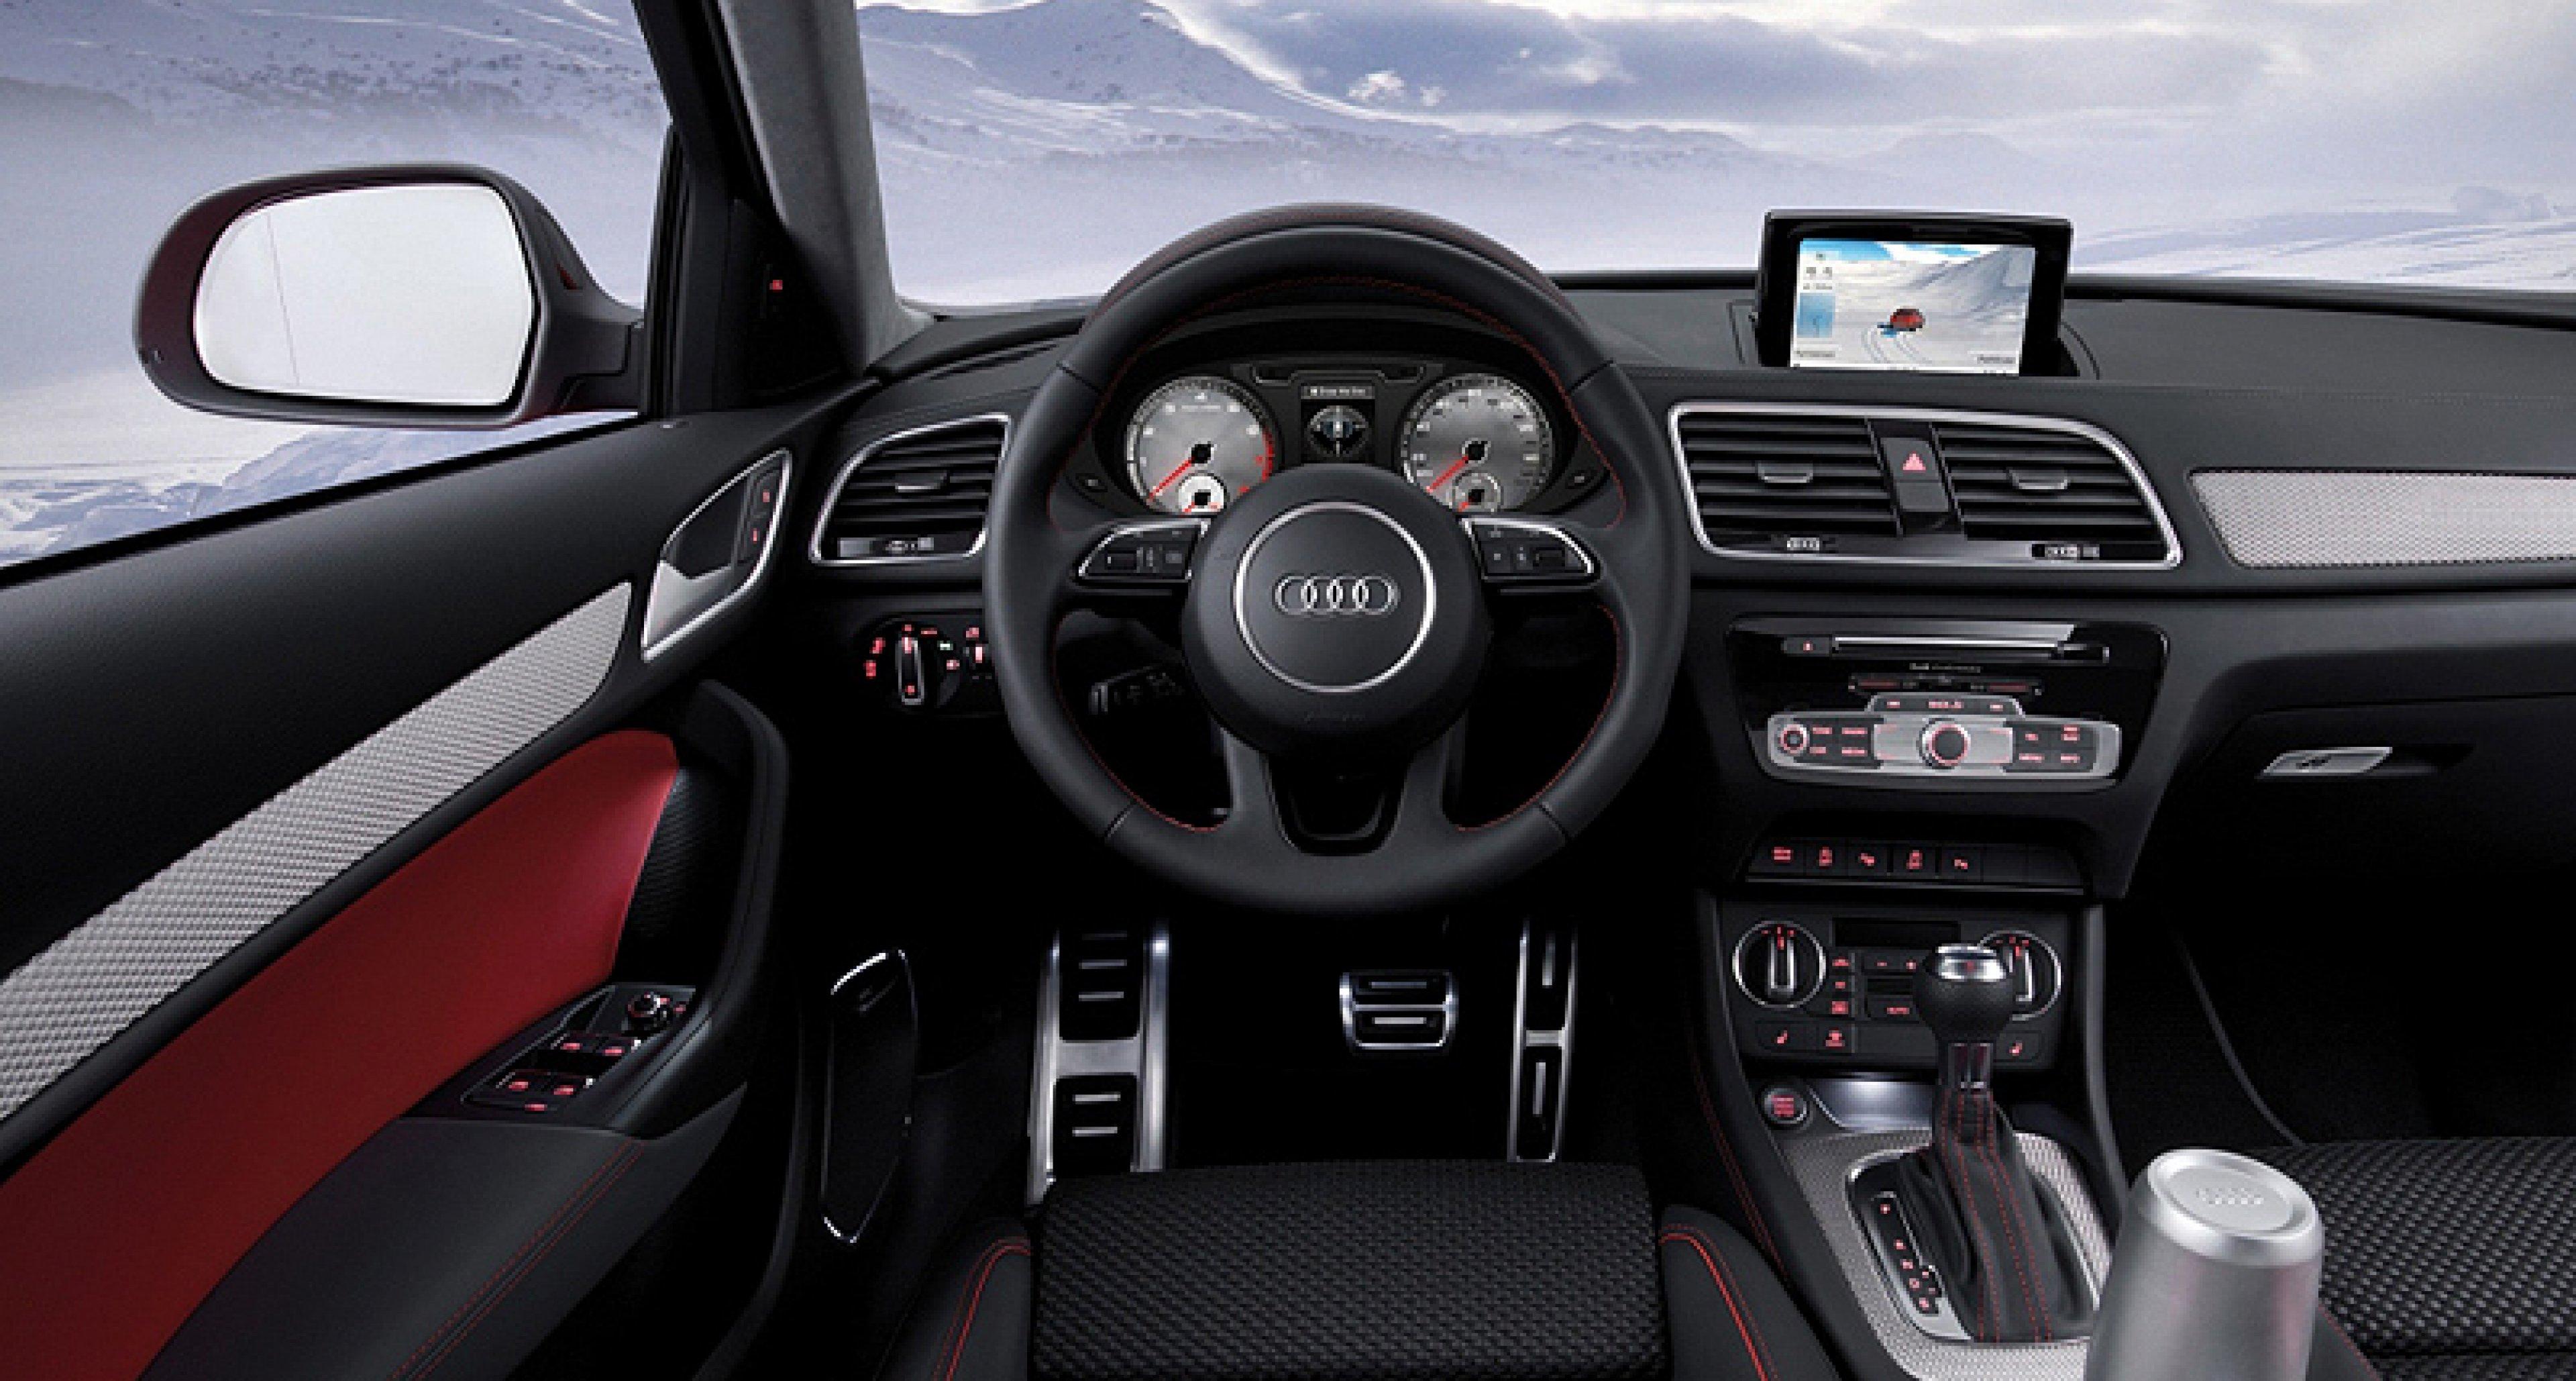 Detroit Auto Show 2012: Audi Q3 Vail